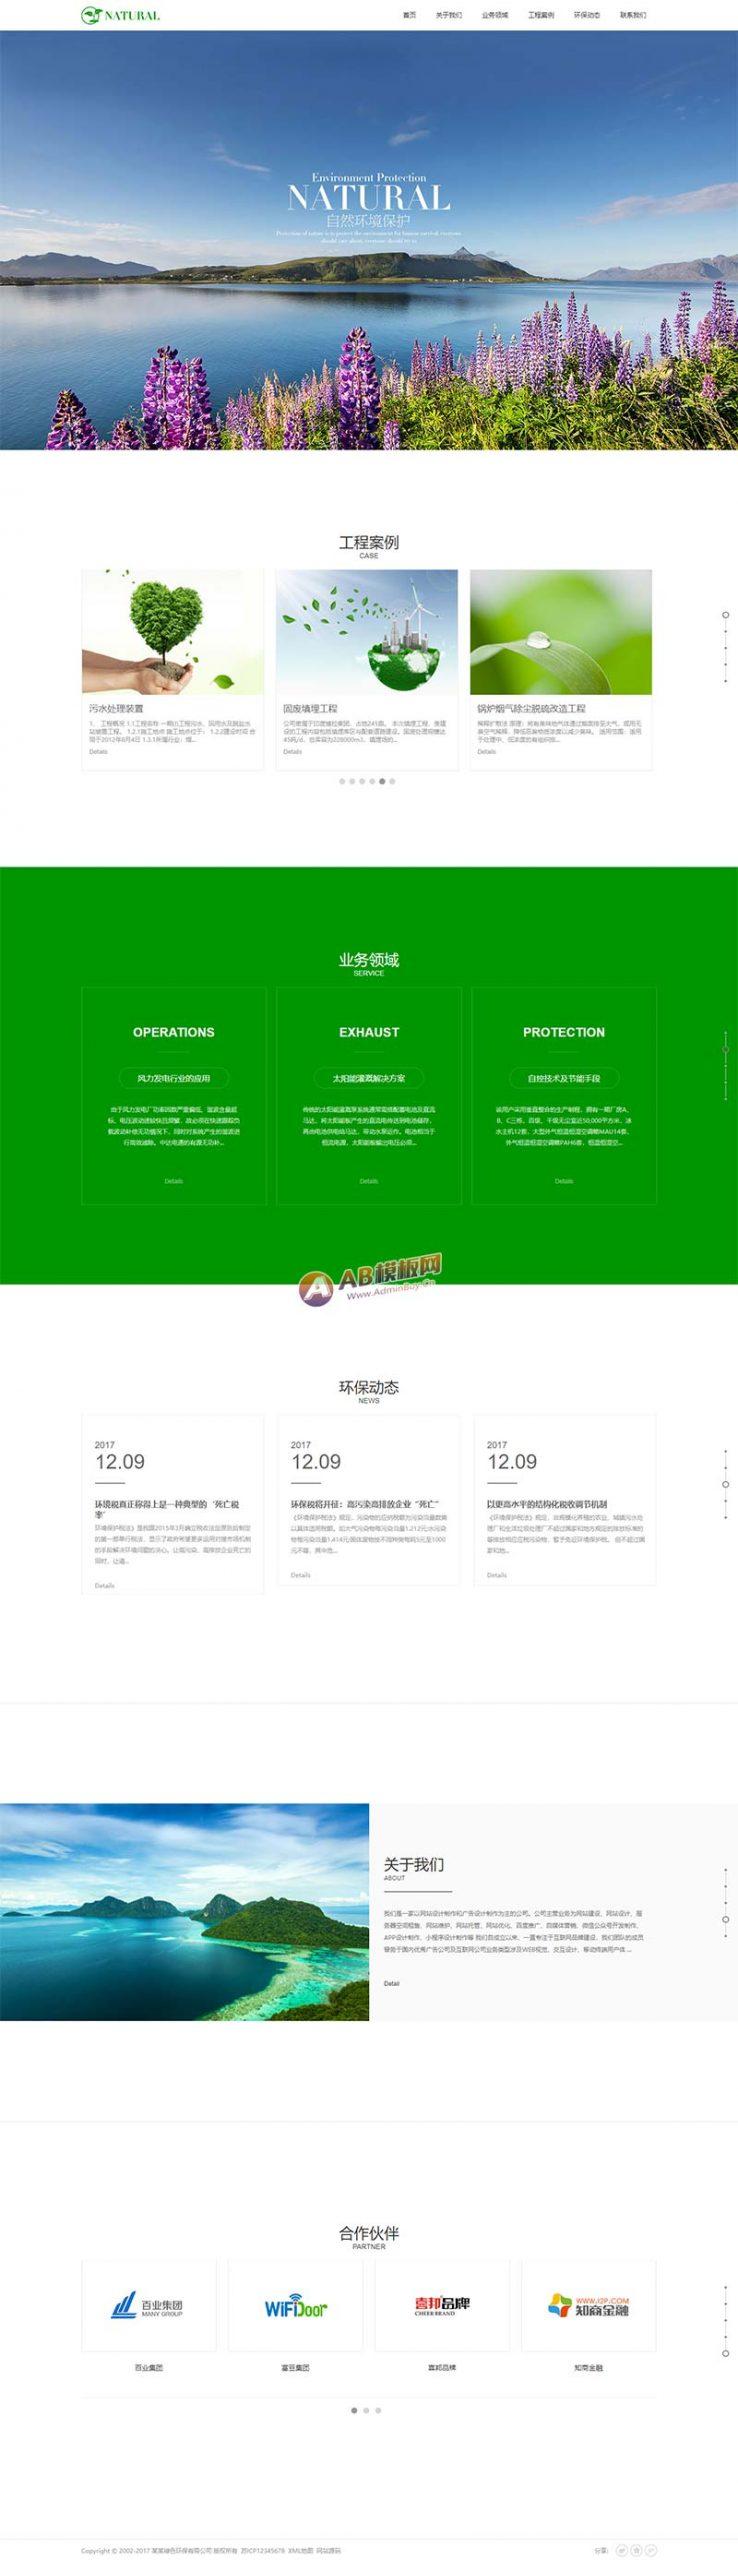 节能环保类企业网站源码 绿色能源企业网站织梦模板